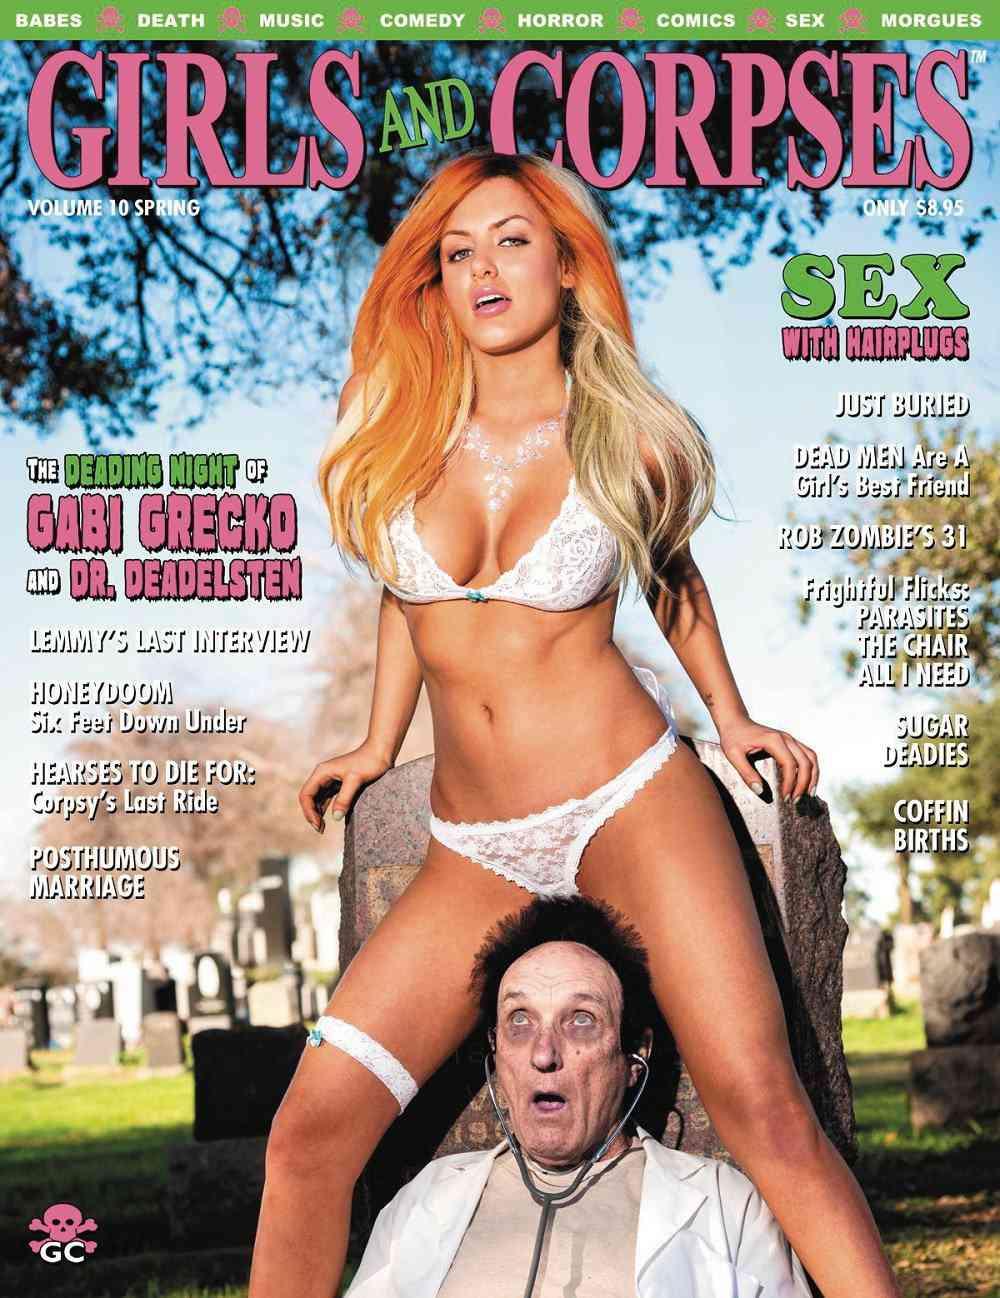 0 1e8d86 40c2fd16 orig Nicho é tudo: Revista de fotos eróticas com zumbis faz sucesso